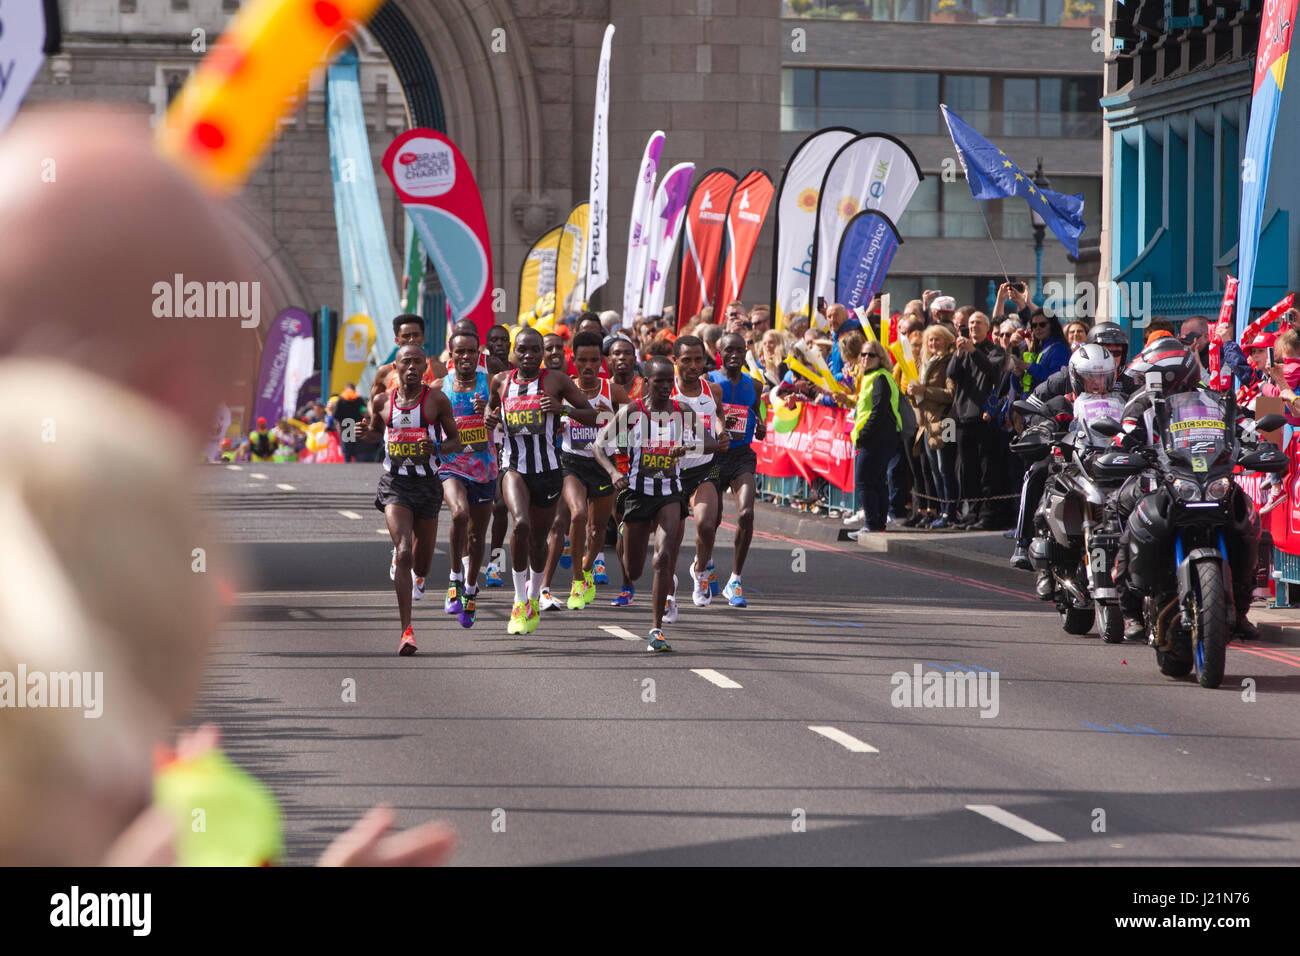 London, UK. 23. April 2017. LONDON-MARATHON 2017. Heute dauerte eine geschätzte 50.000 Läufer auf den Straßen der Stockfoto